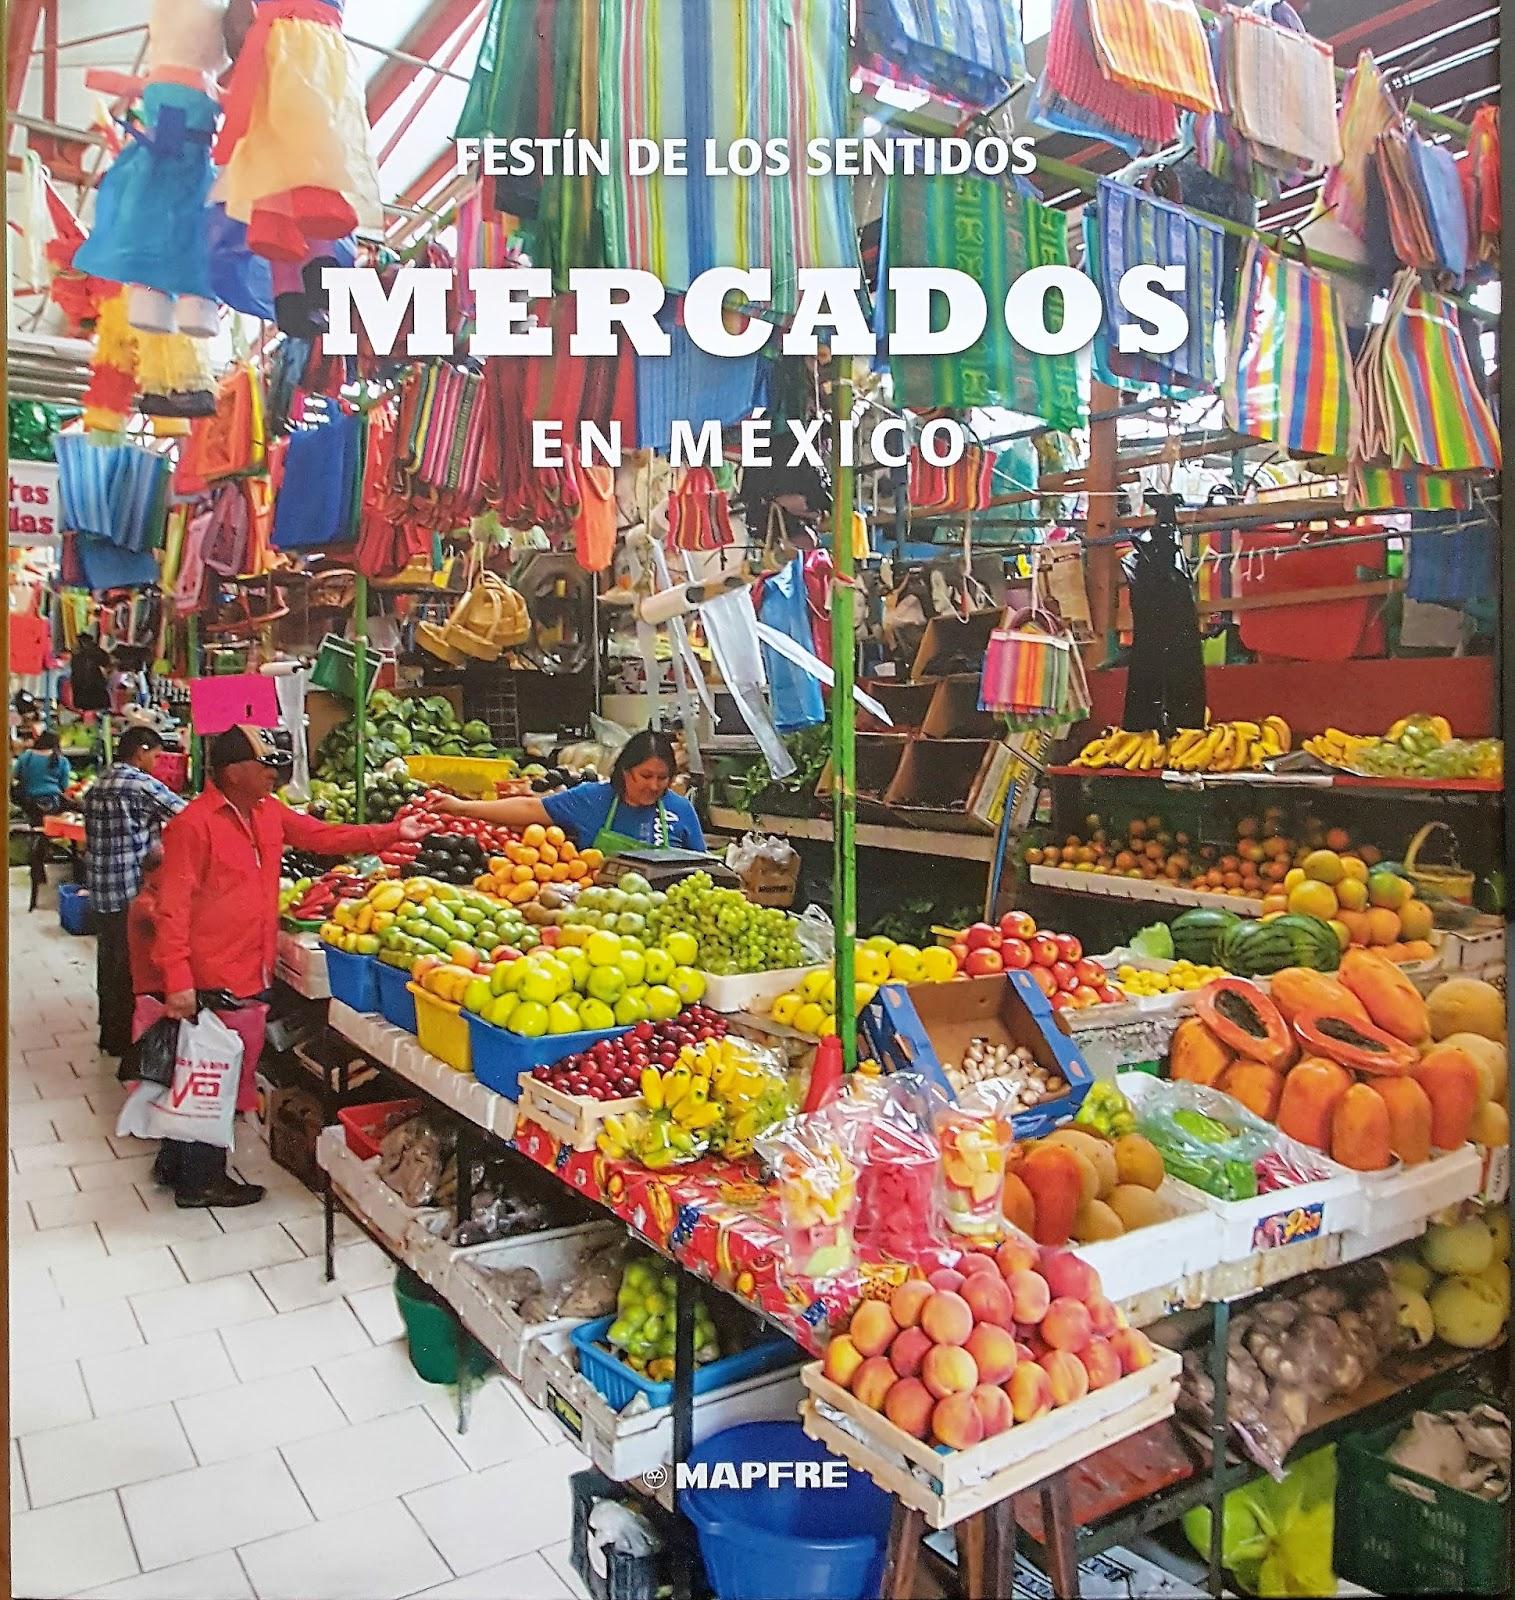 Mercados en México. El festín de los sentidos